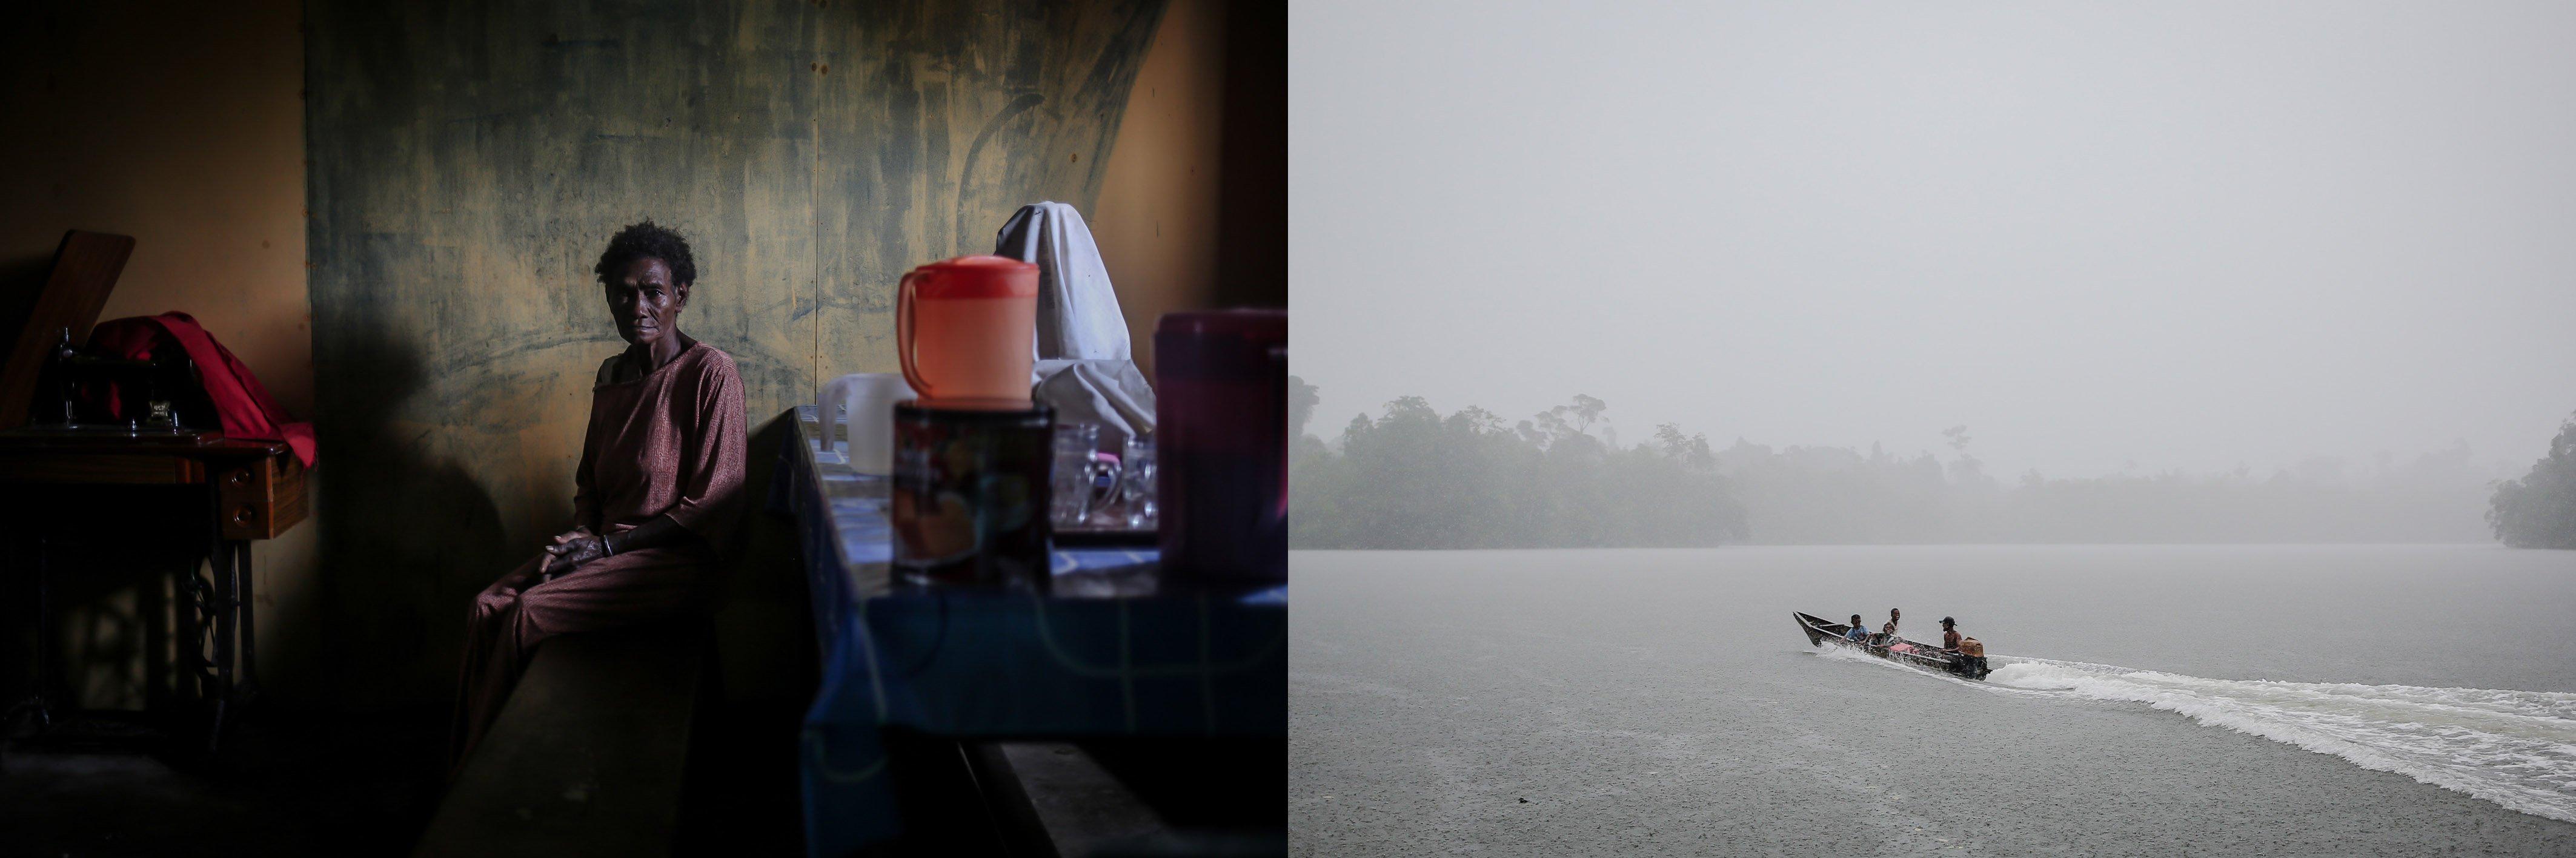 Ruth Nibra (65) duduk di dapur rumahnya di Distrik Segun, Kabupaten Sorong, Papua Barat, Selasa, (21/9/2021). Menurutnya hutan adat adalah wilayah keramat dan tak satupun orang boleh menyentuhnya, apabila perkebunan kelapa sawit sampai menguasai wilayah adat kami nanti maka itu adalah anacaman besar bagi anak, dan cucu kami nanti.